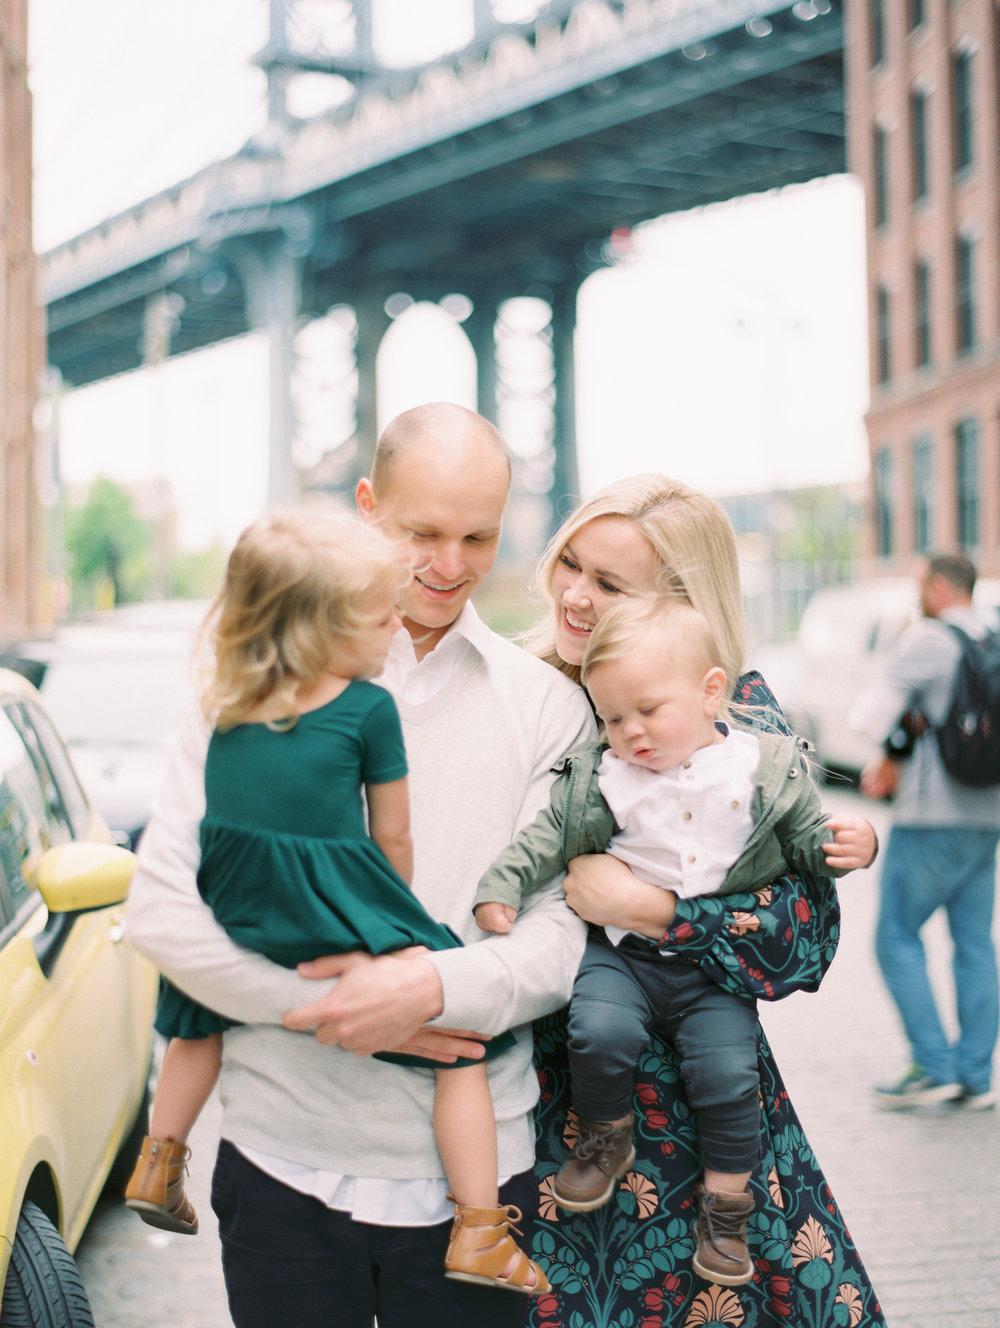 kels&michael_binghamfamily-11.jpg